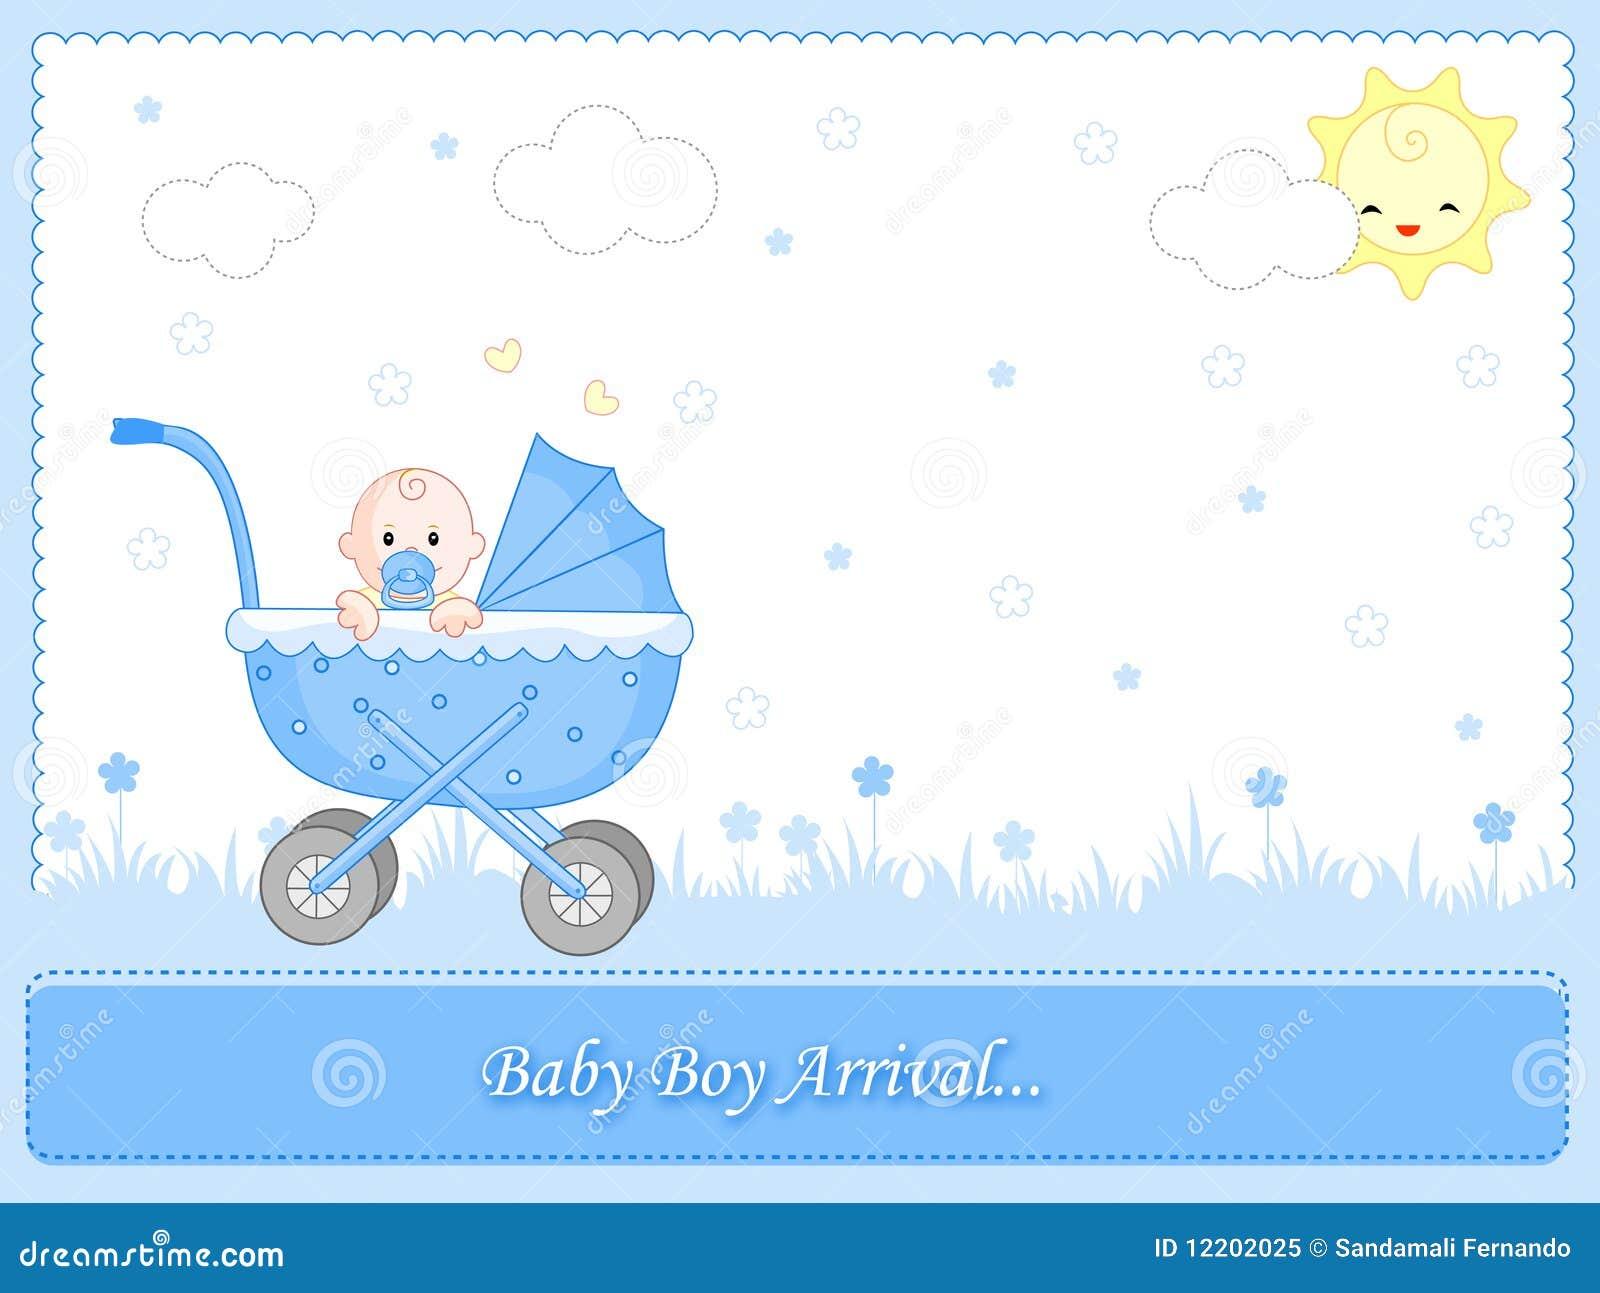 Babyankunft